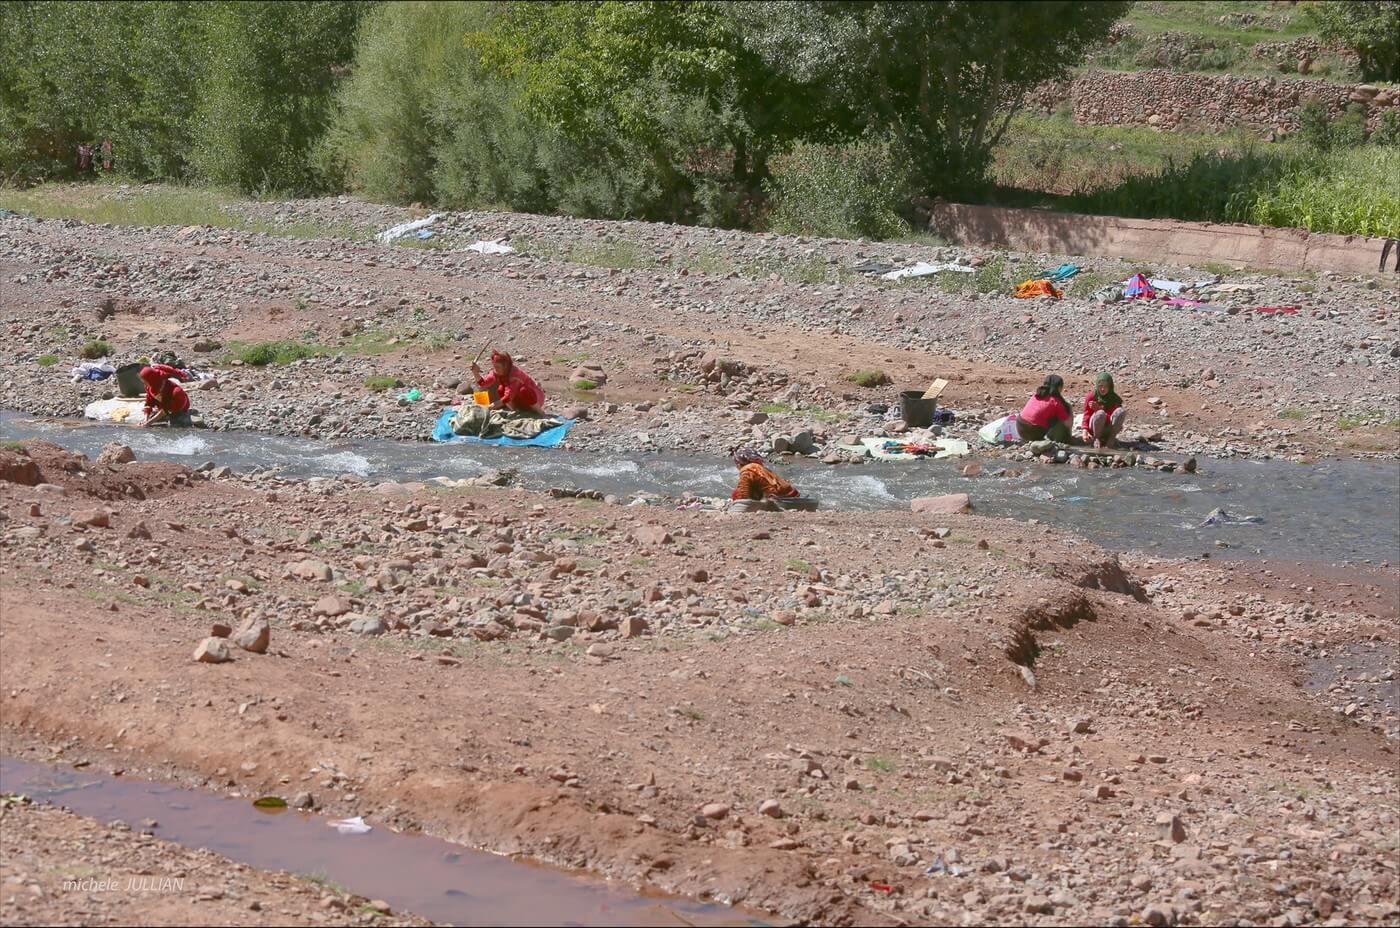 femmes berbères près de la rivière en train de faire la lessive